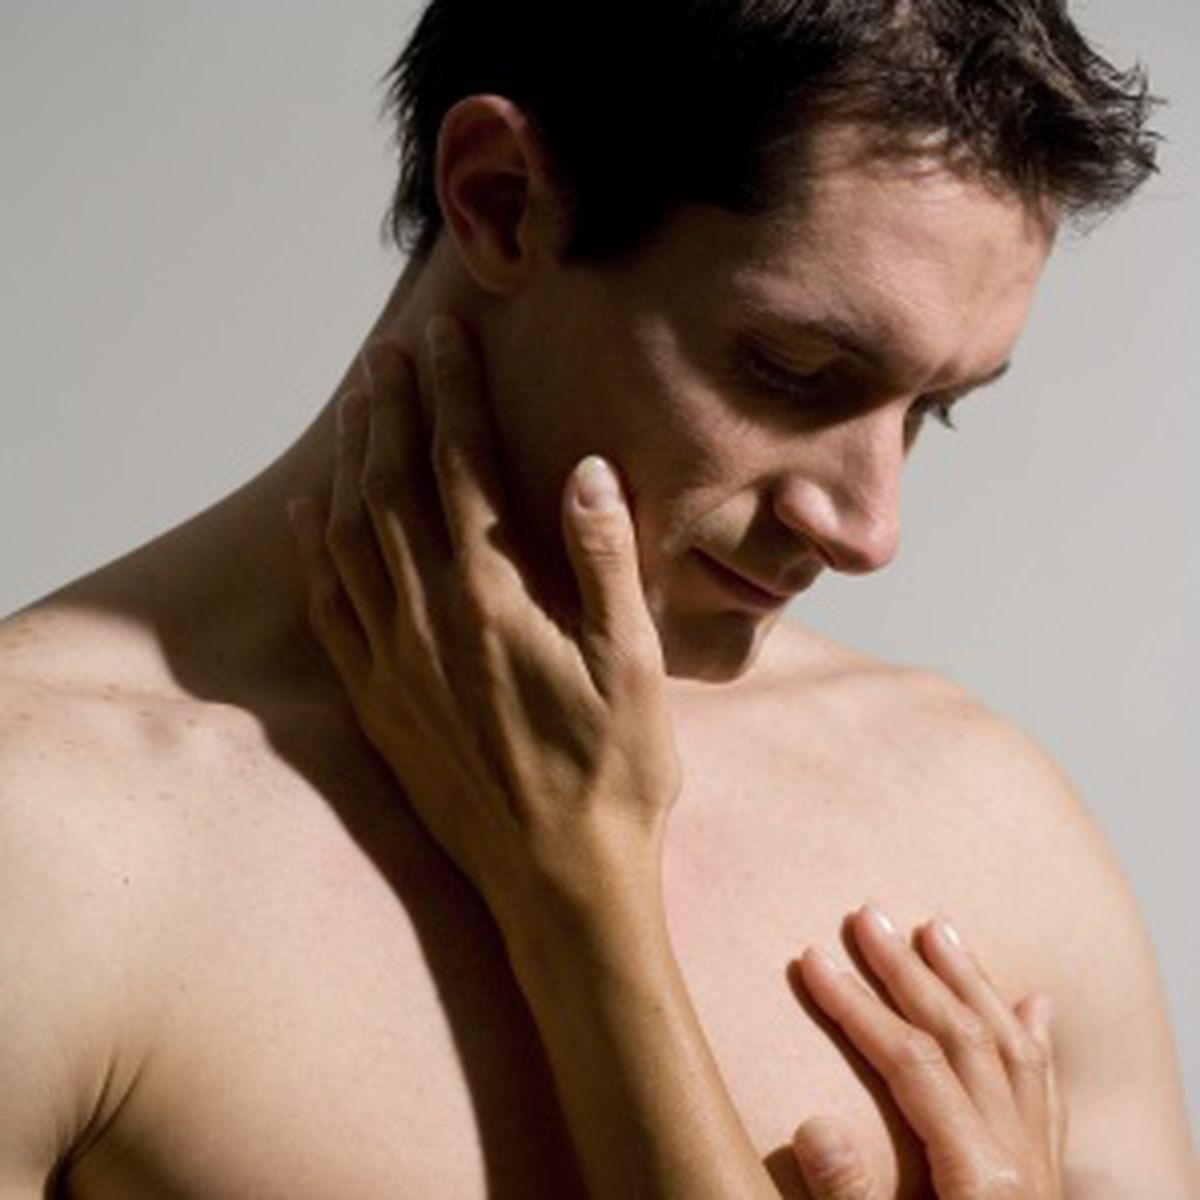 cauzele erecției întârziate la bărbați plenitudinea și dimensiunea penisului